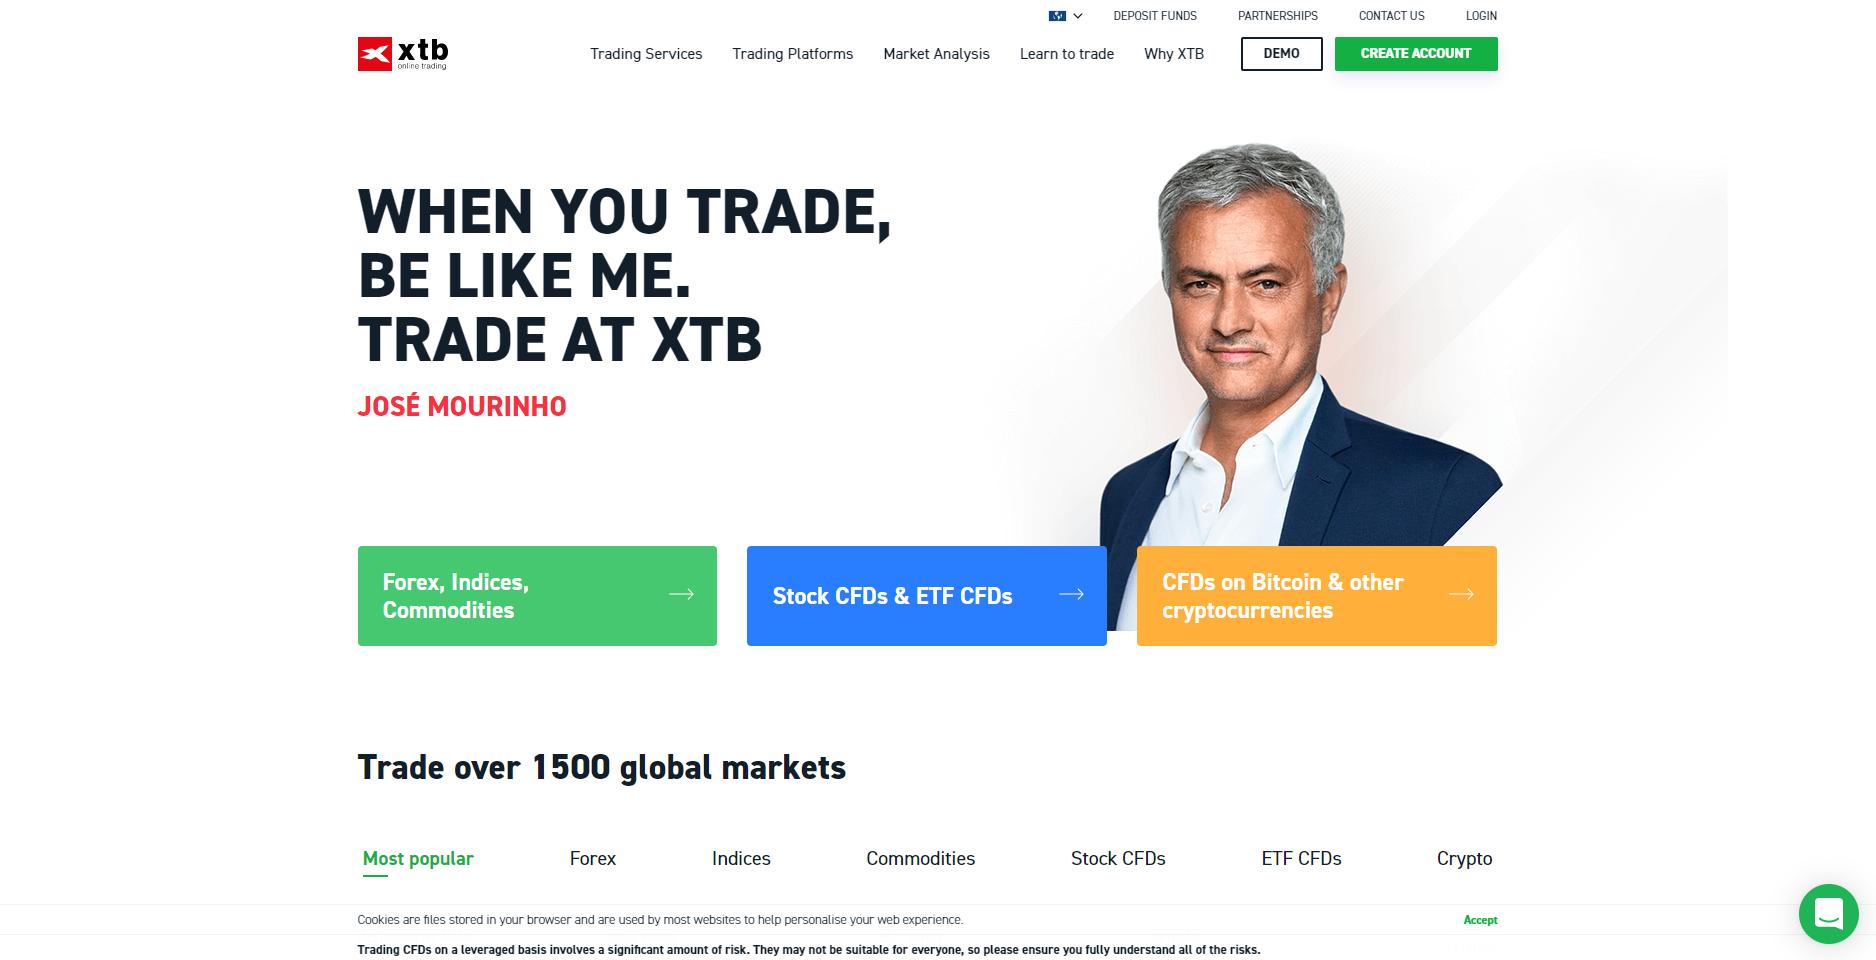 Il sito ufficiale di XTB